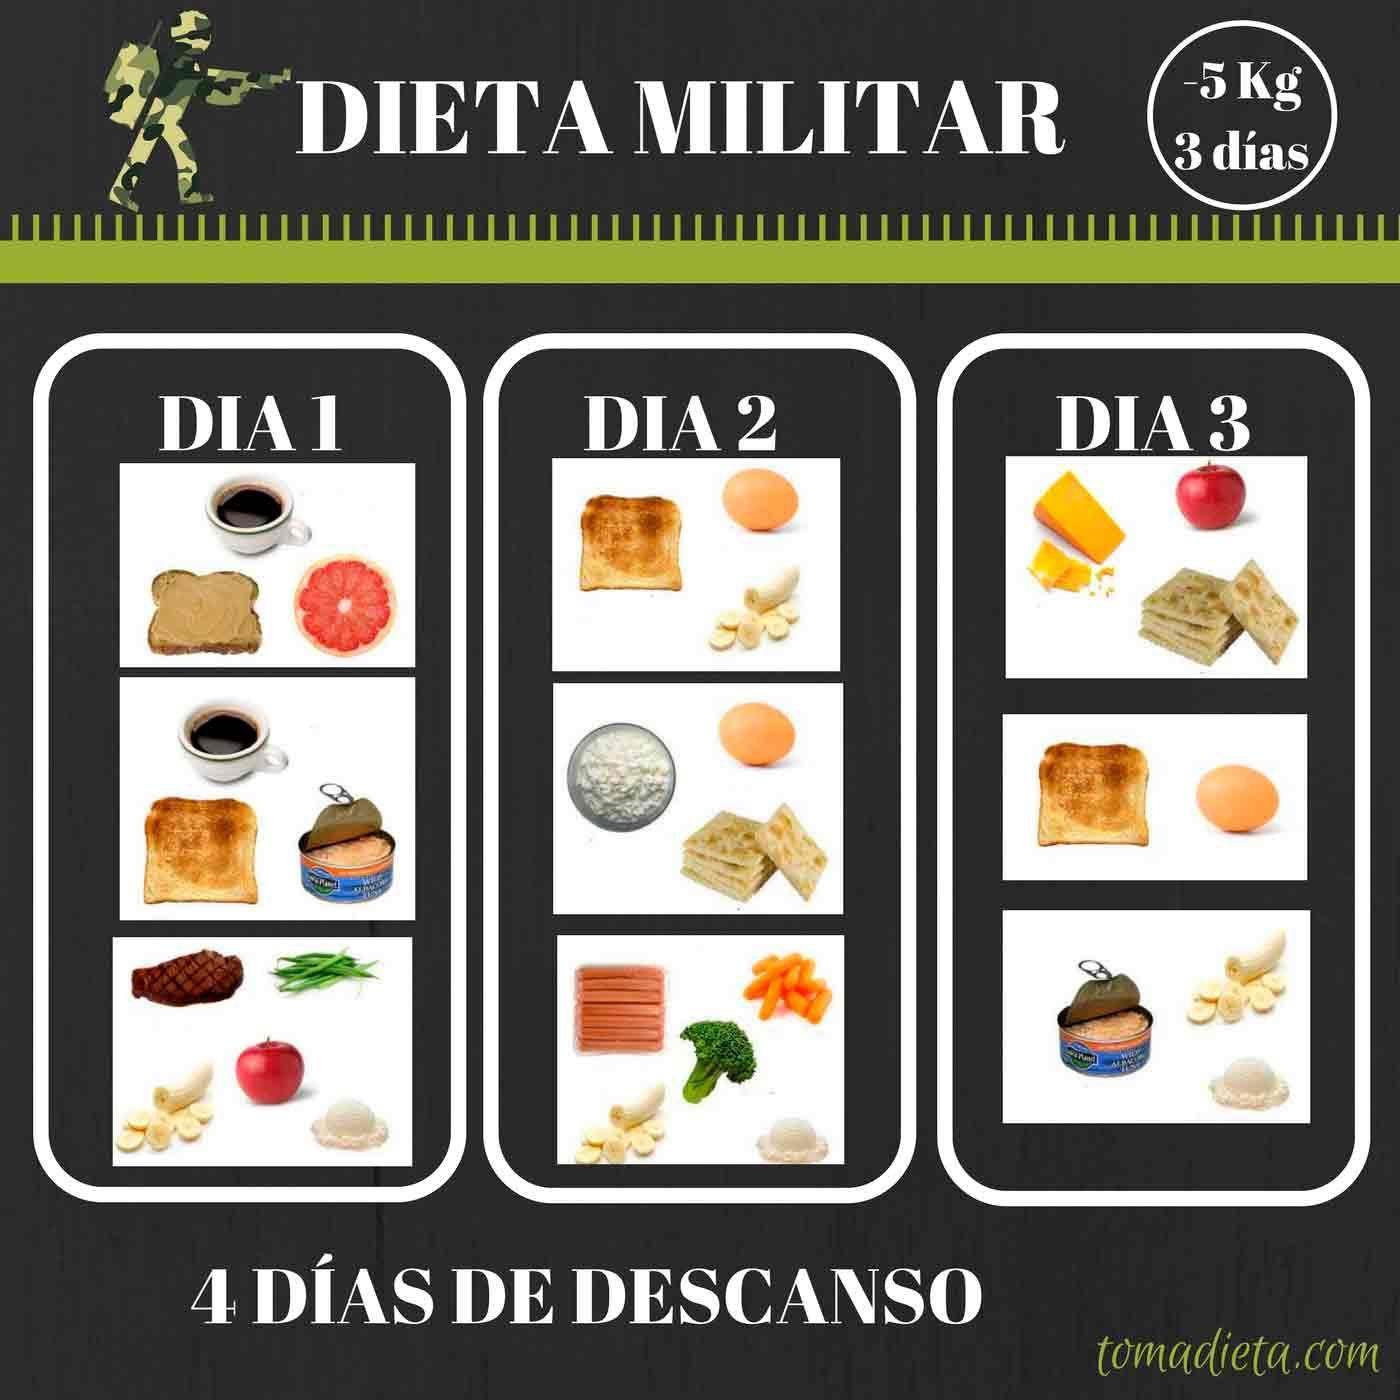 Dieta Militar Cómo Perder 5 Kilos En Sólo 3 Días Dieta Militar Como Perder 5 Kilos Menú De La Dieta Militar